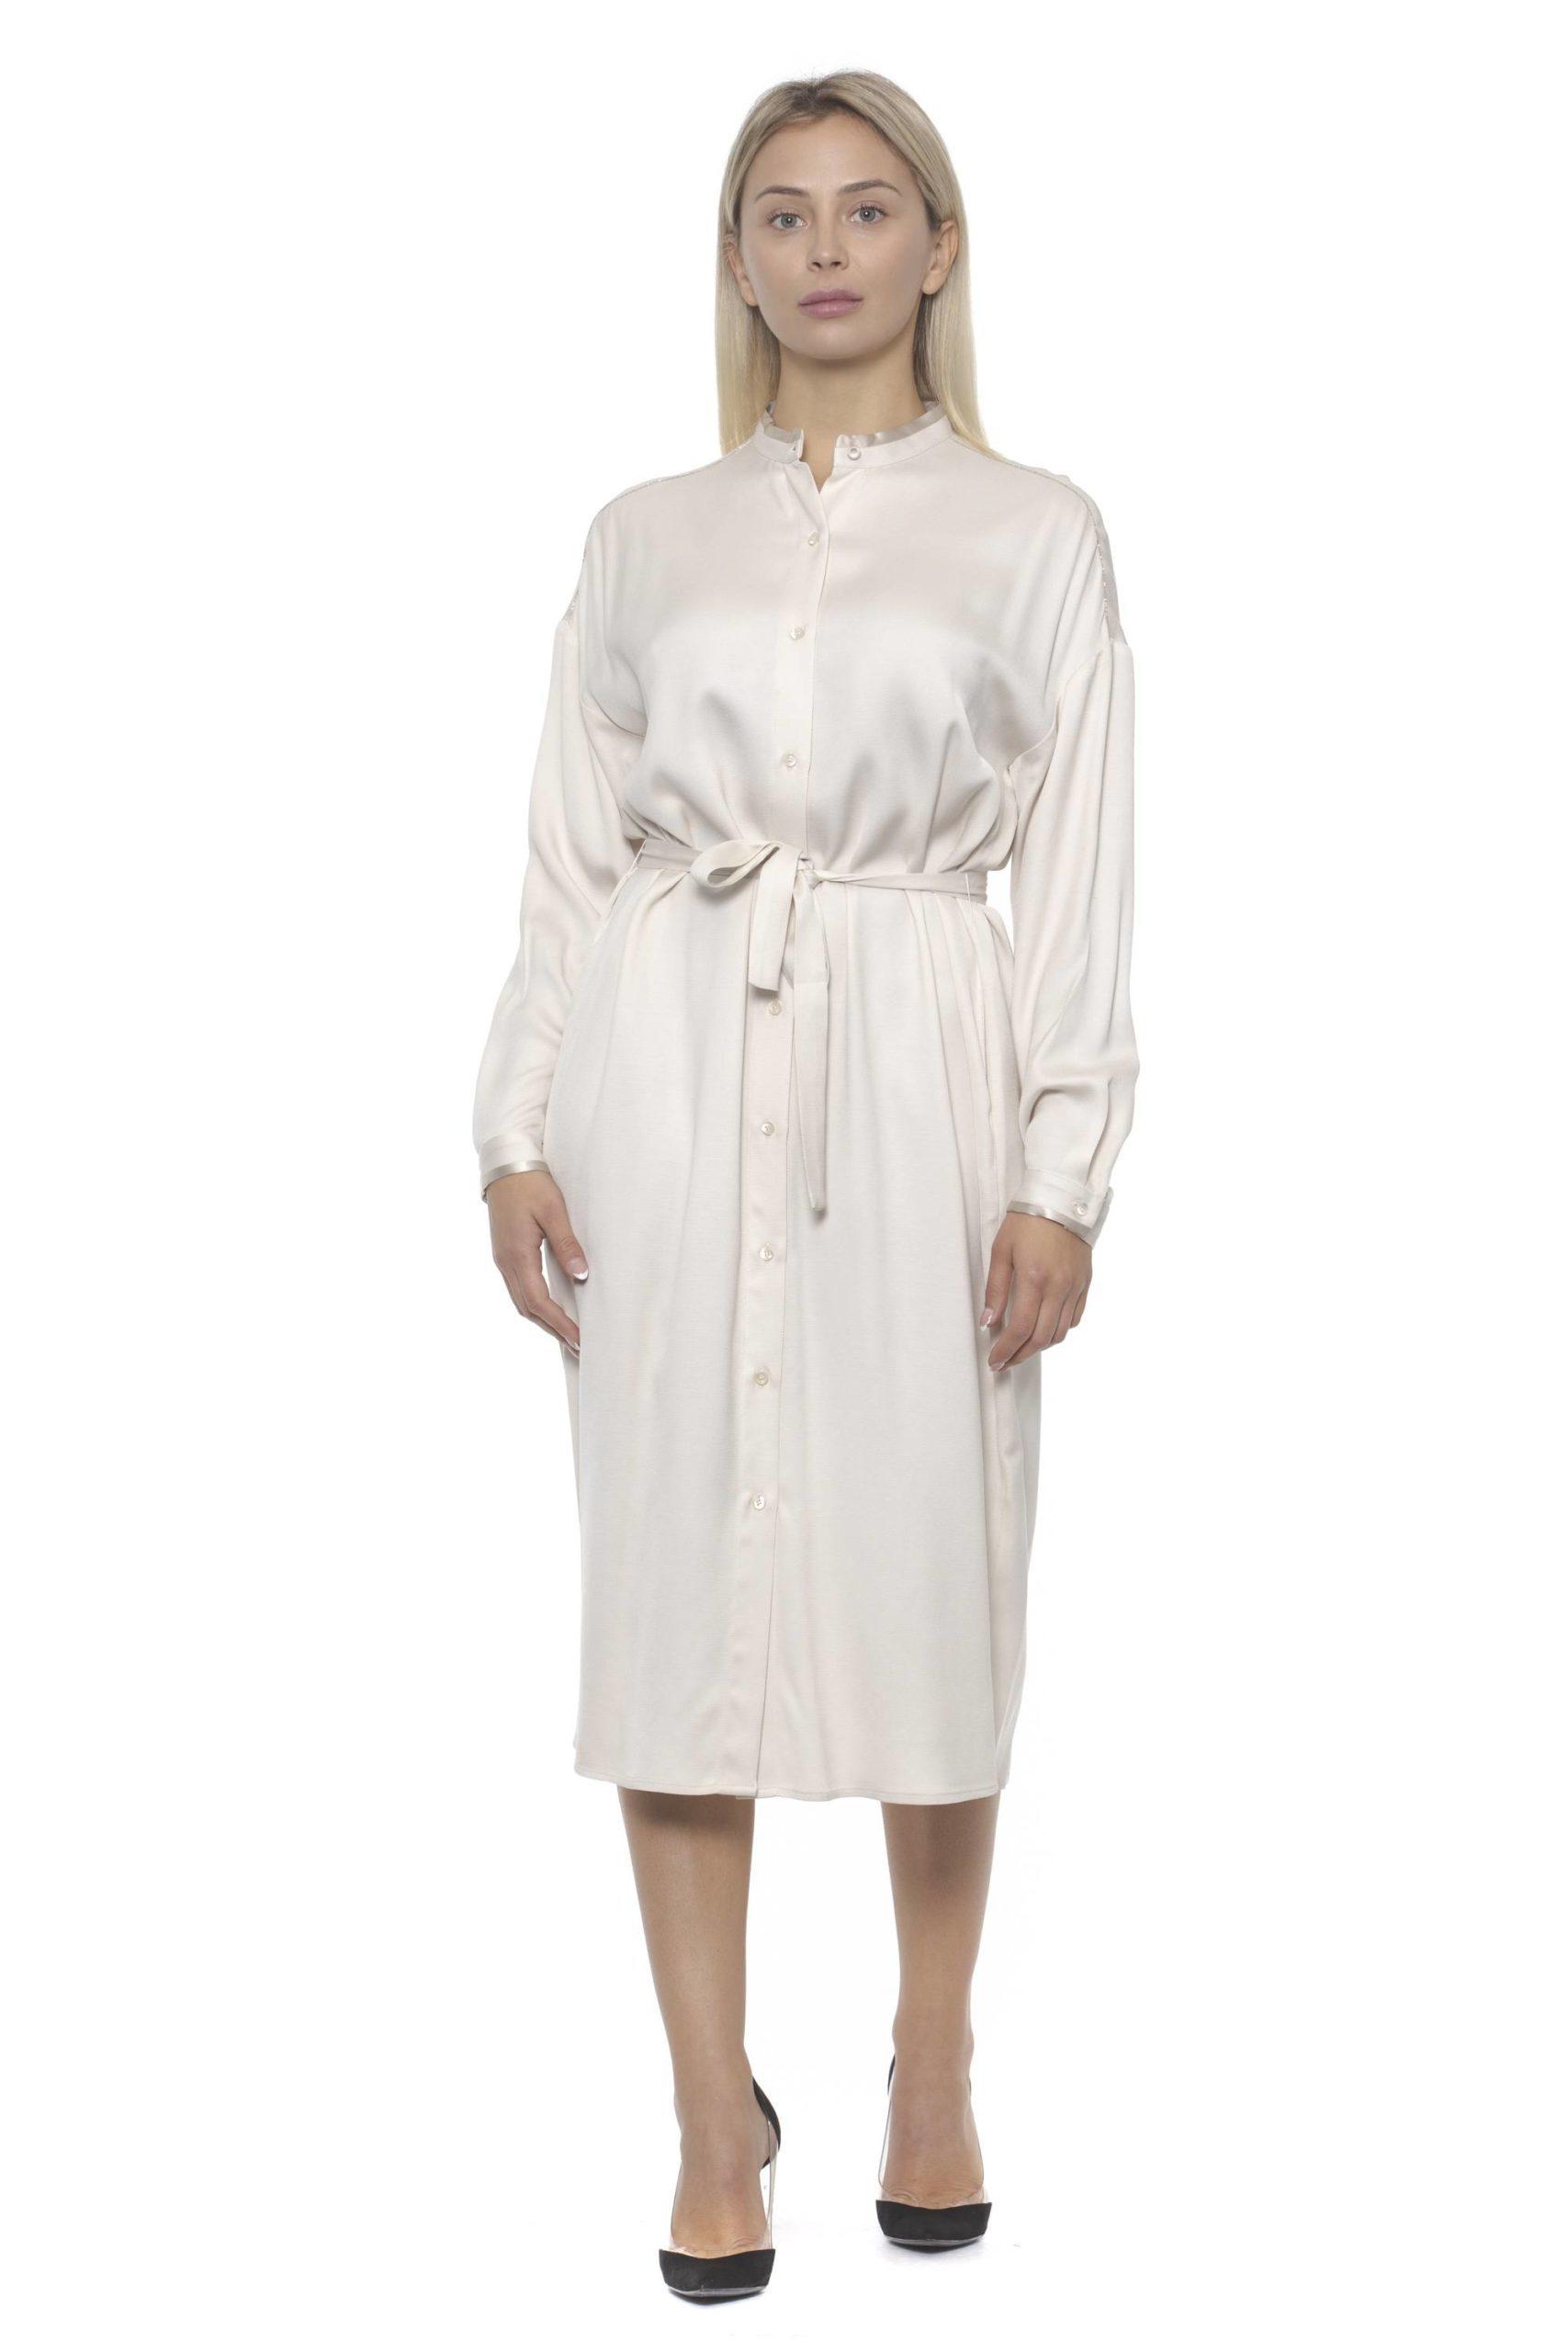 Peserico Women's Bianco Dress Beige PE1383156 - IT42 | S